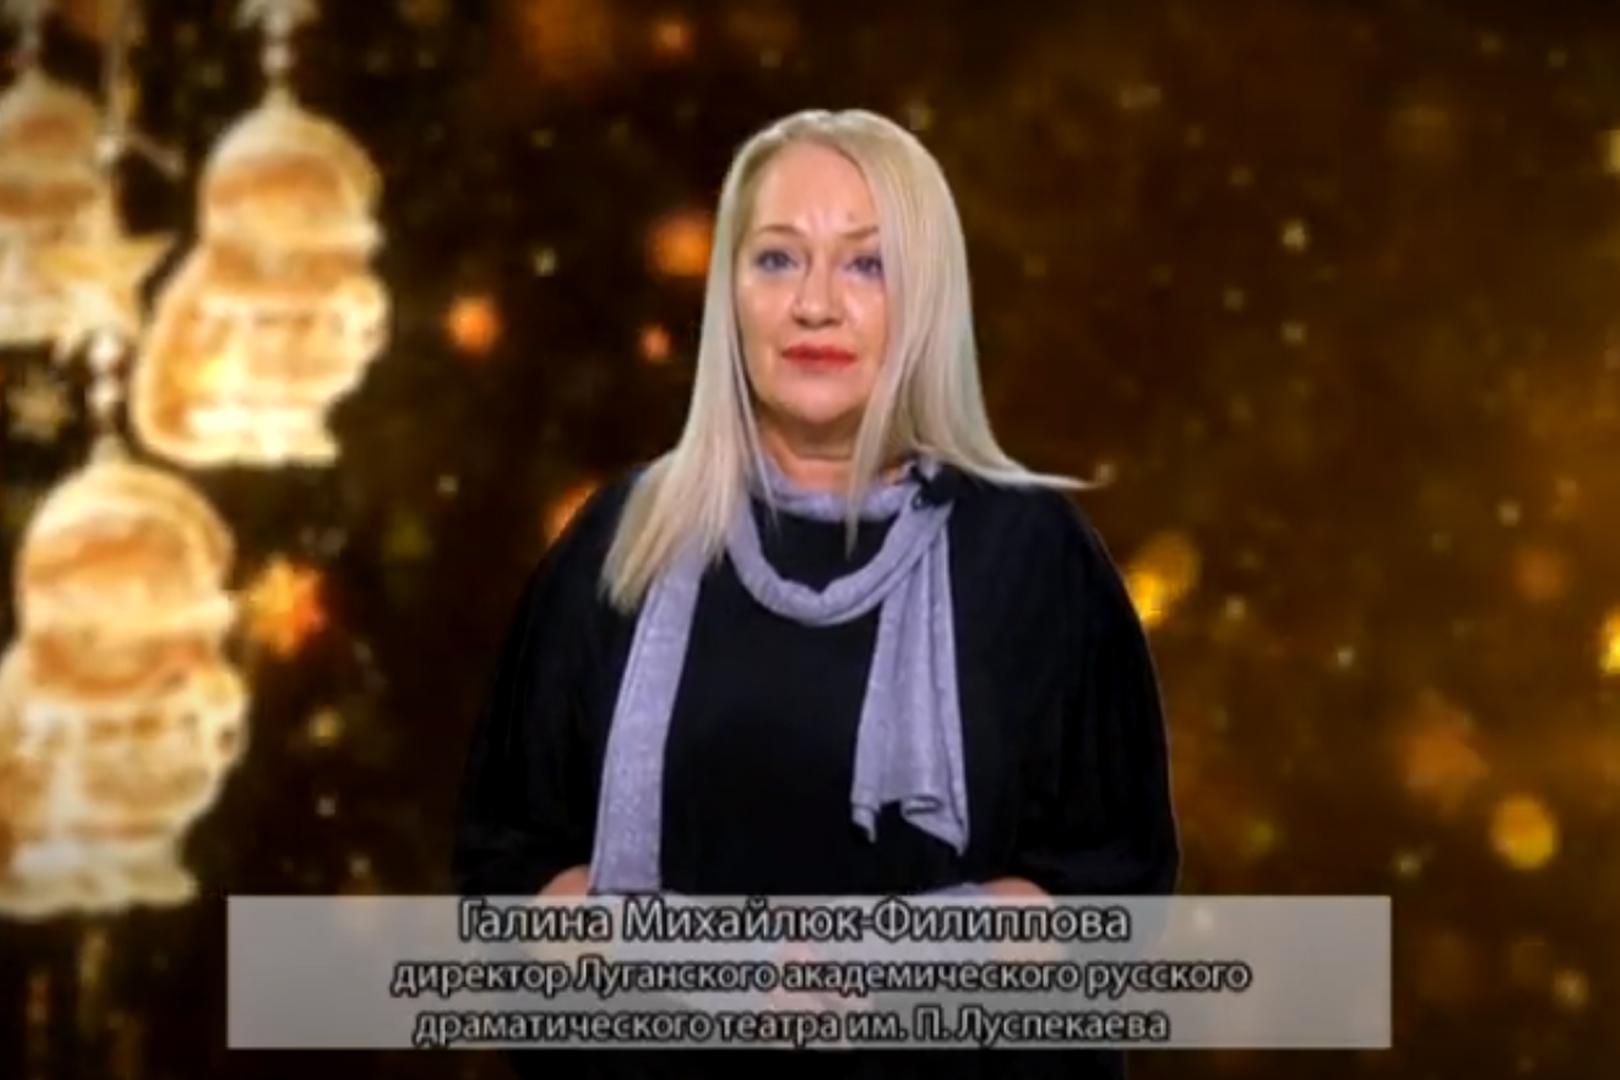 ГТРК ЛНР. Поздравление с Новым годом. Галина Михайлюк-Филиппова